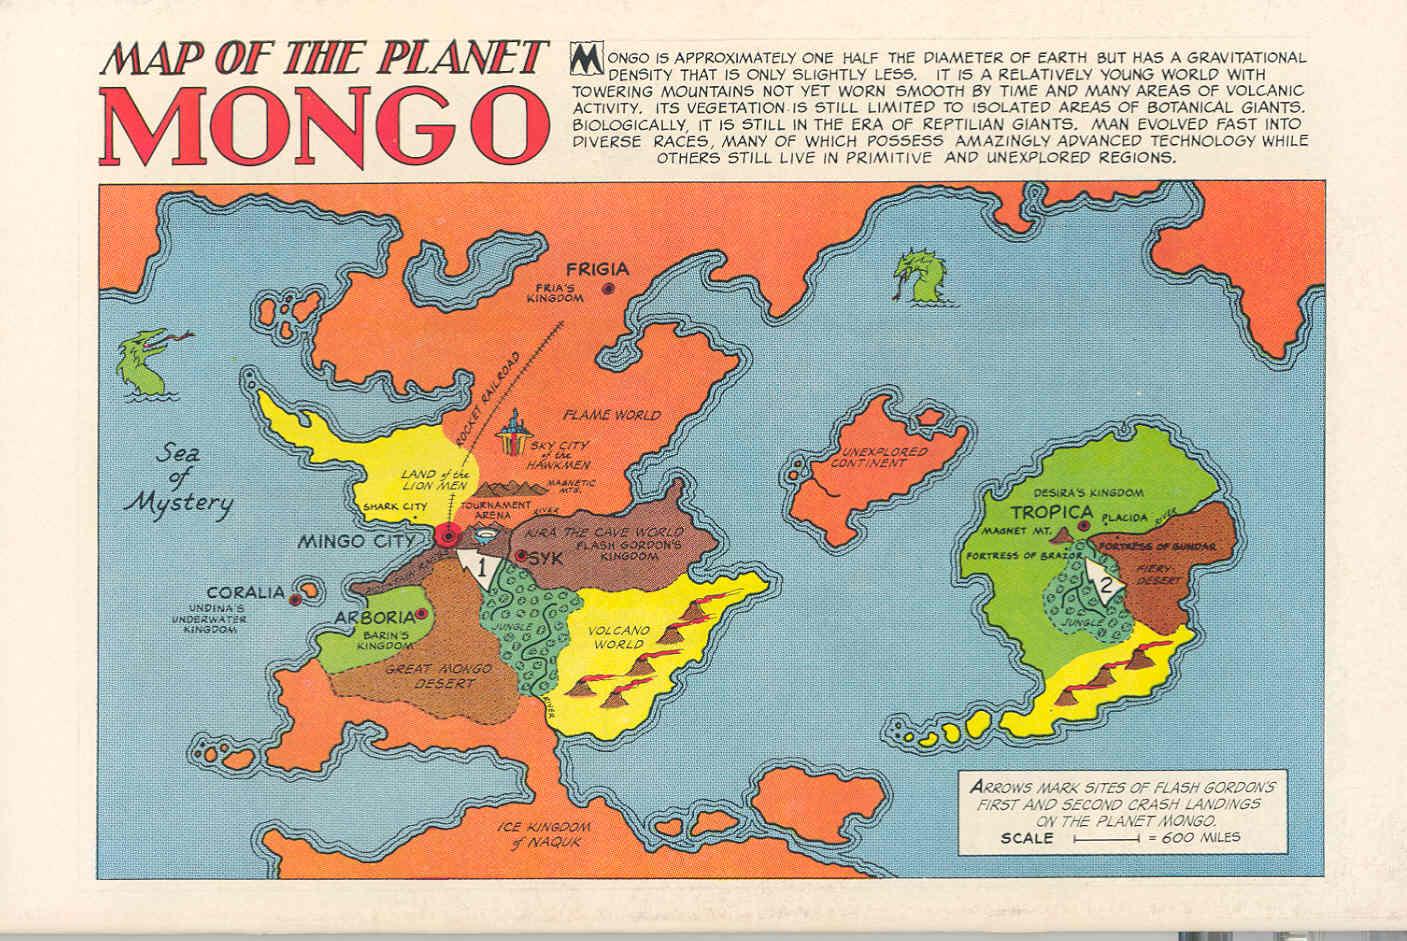 mongo_map.jpeg